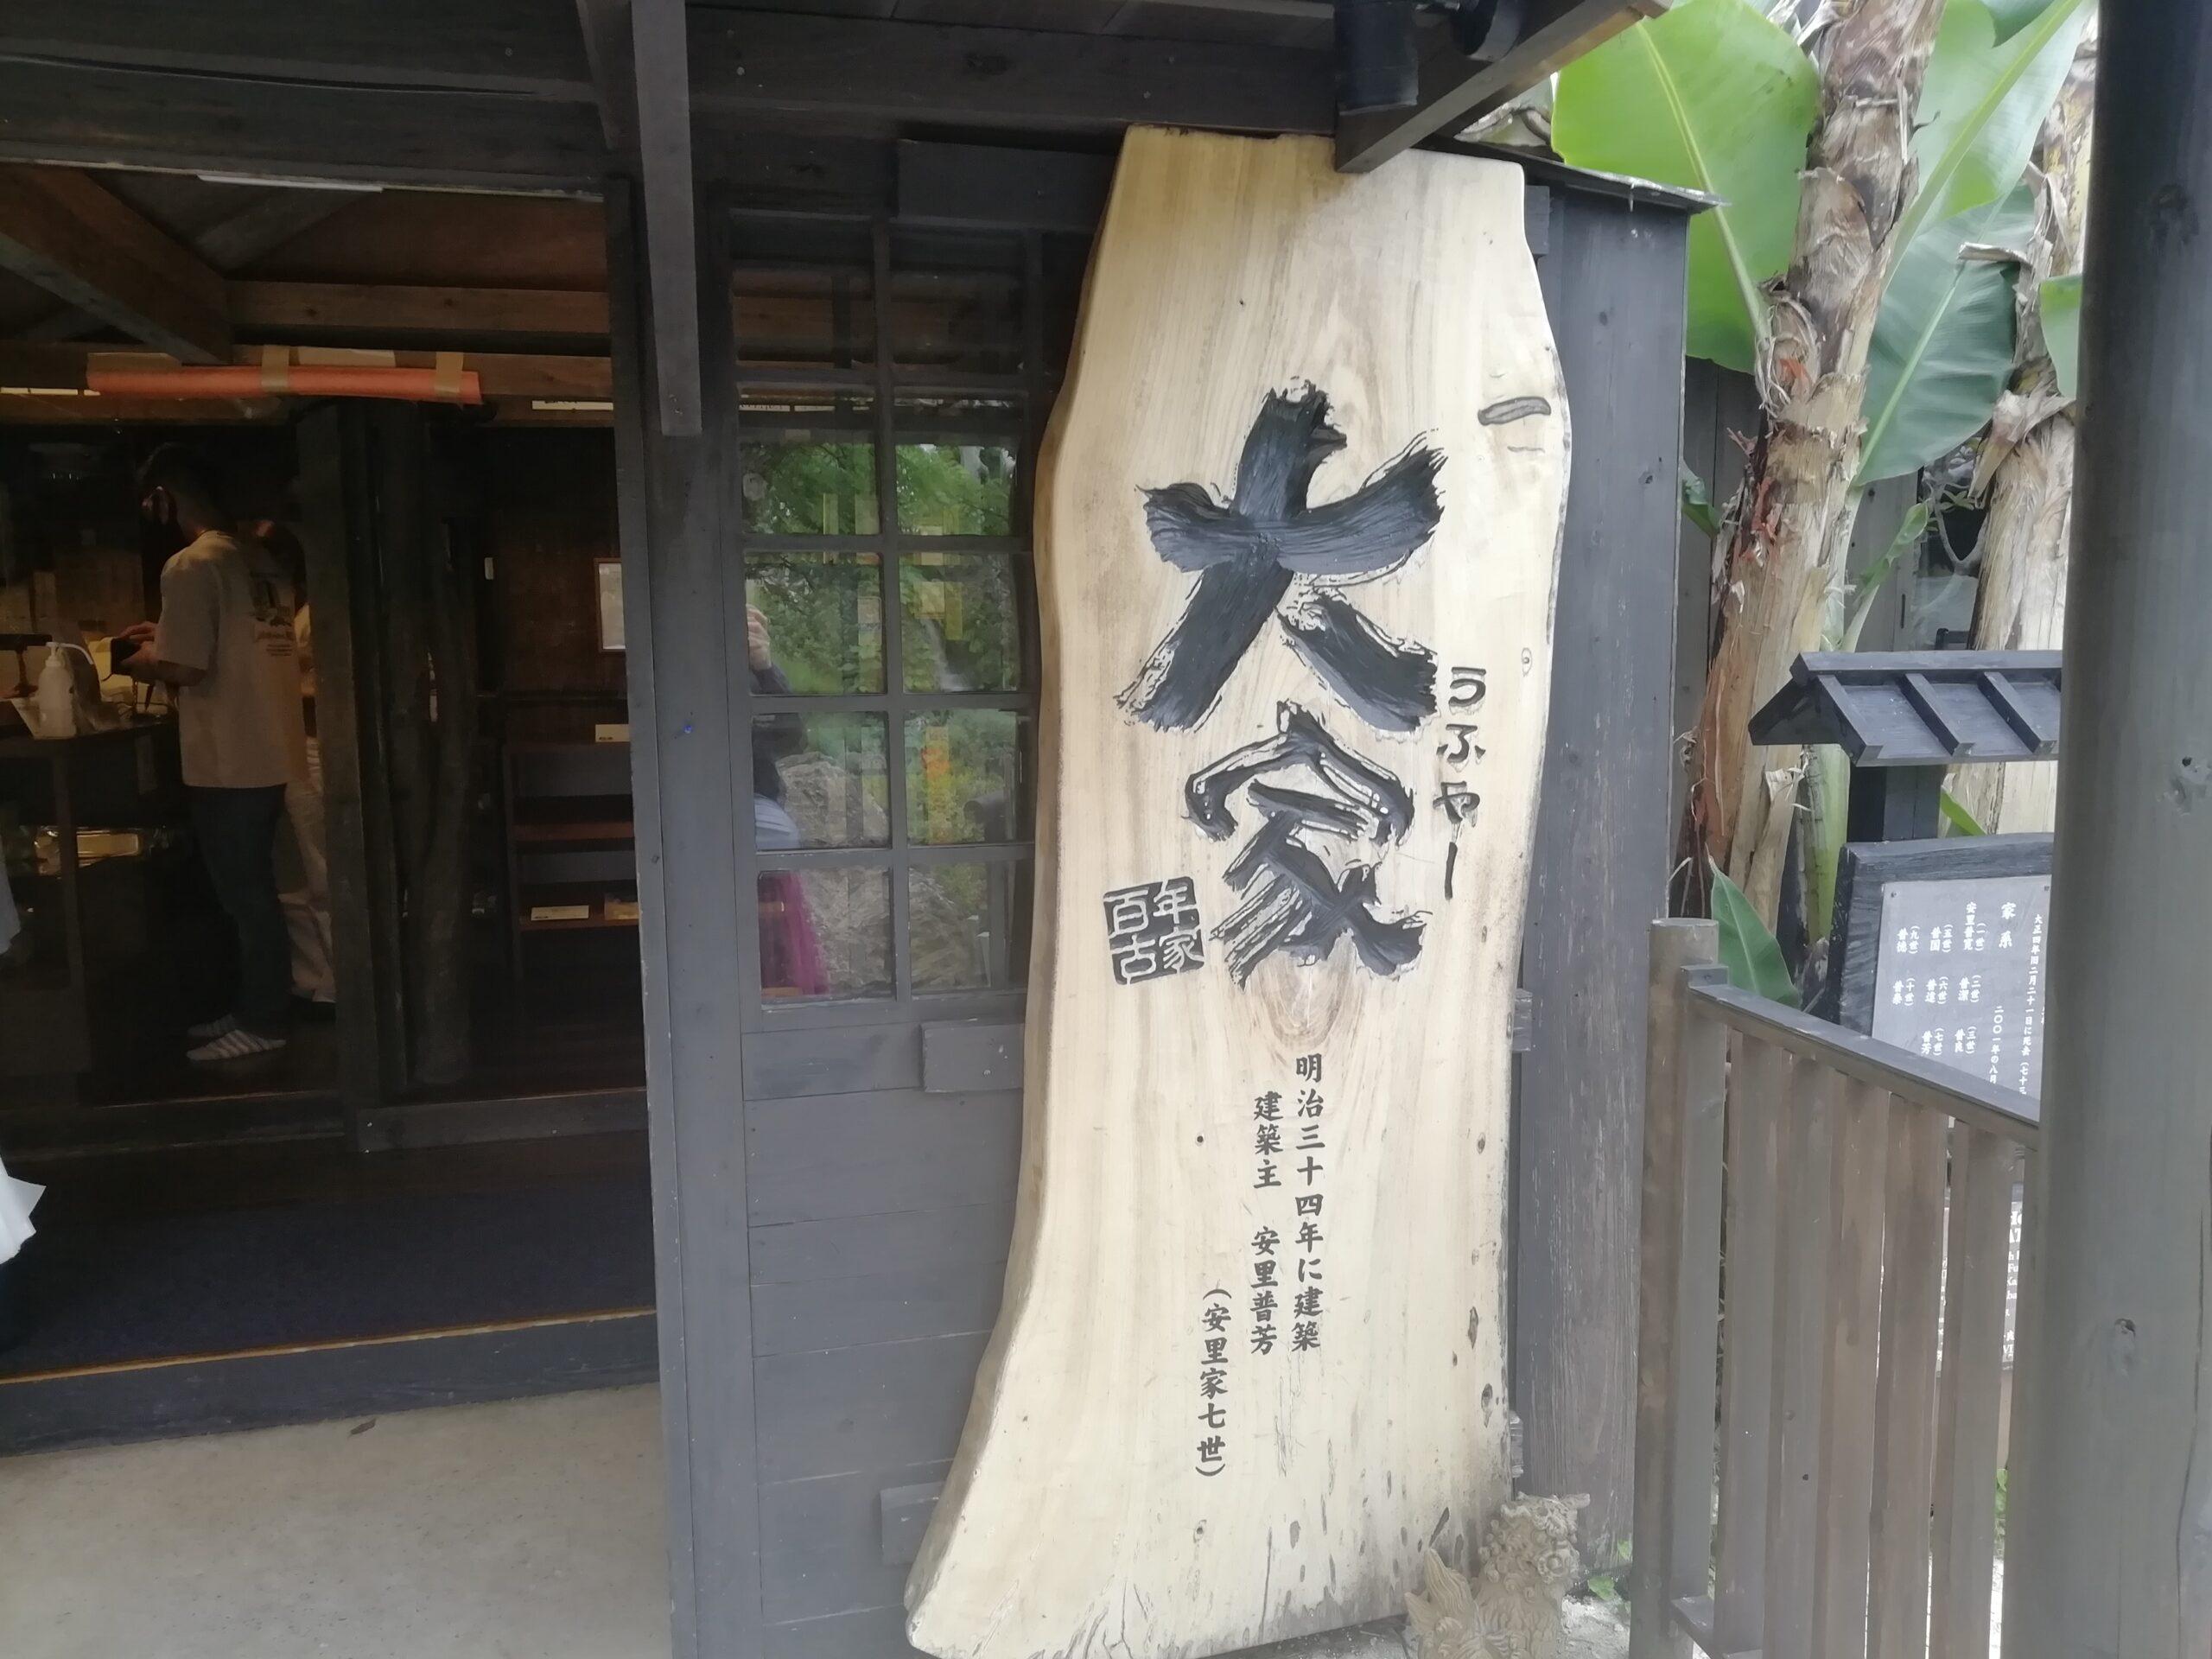 名護の古民家で沖縄そば、あぐー豚が楽しめる!「百年古屋 大家」